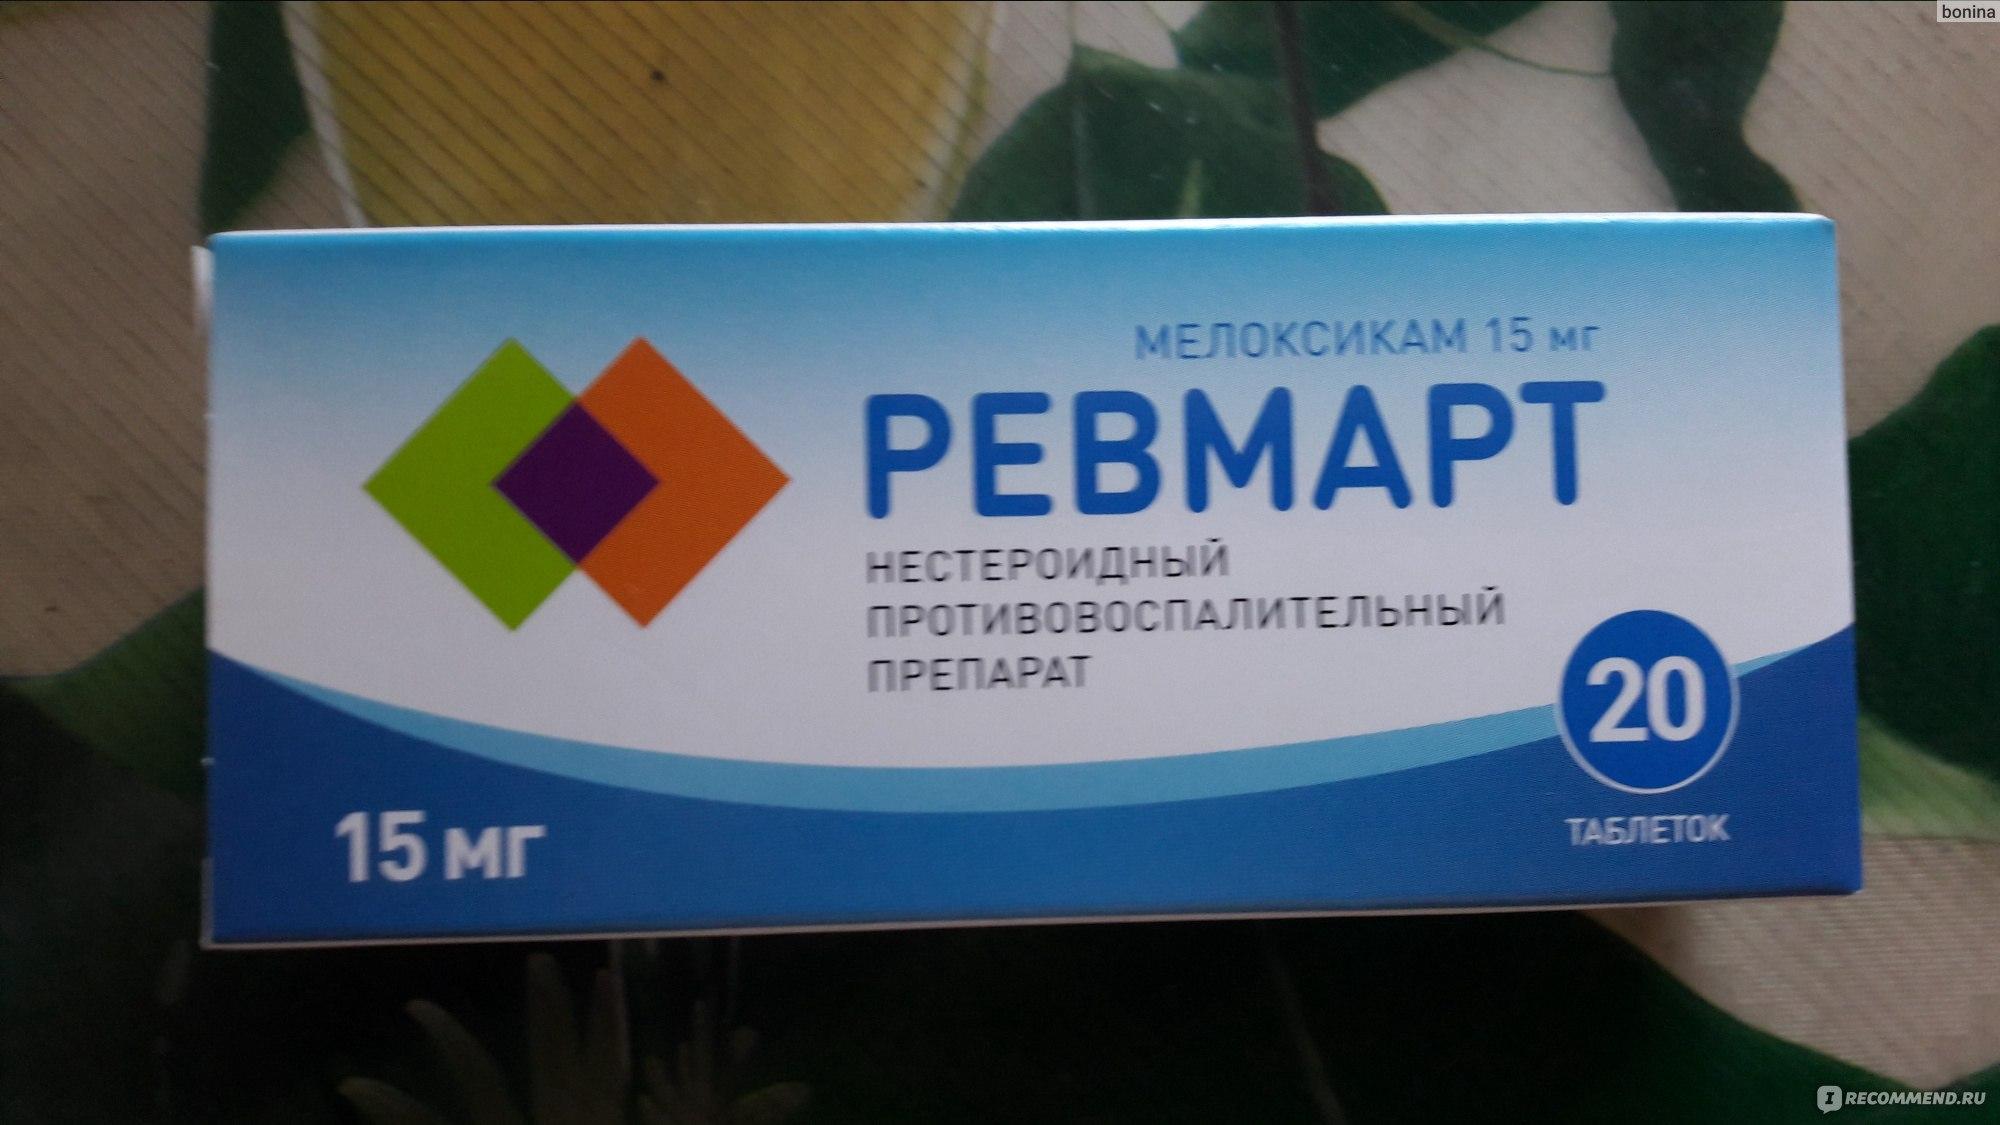 Ревмарт: описание, инструкция по применению и дозировка